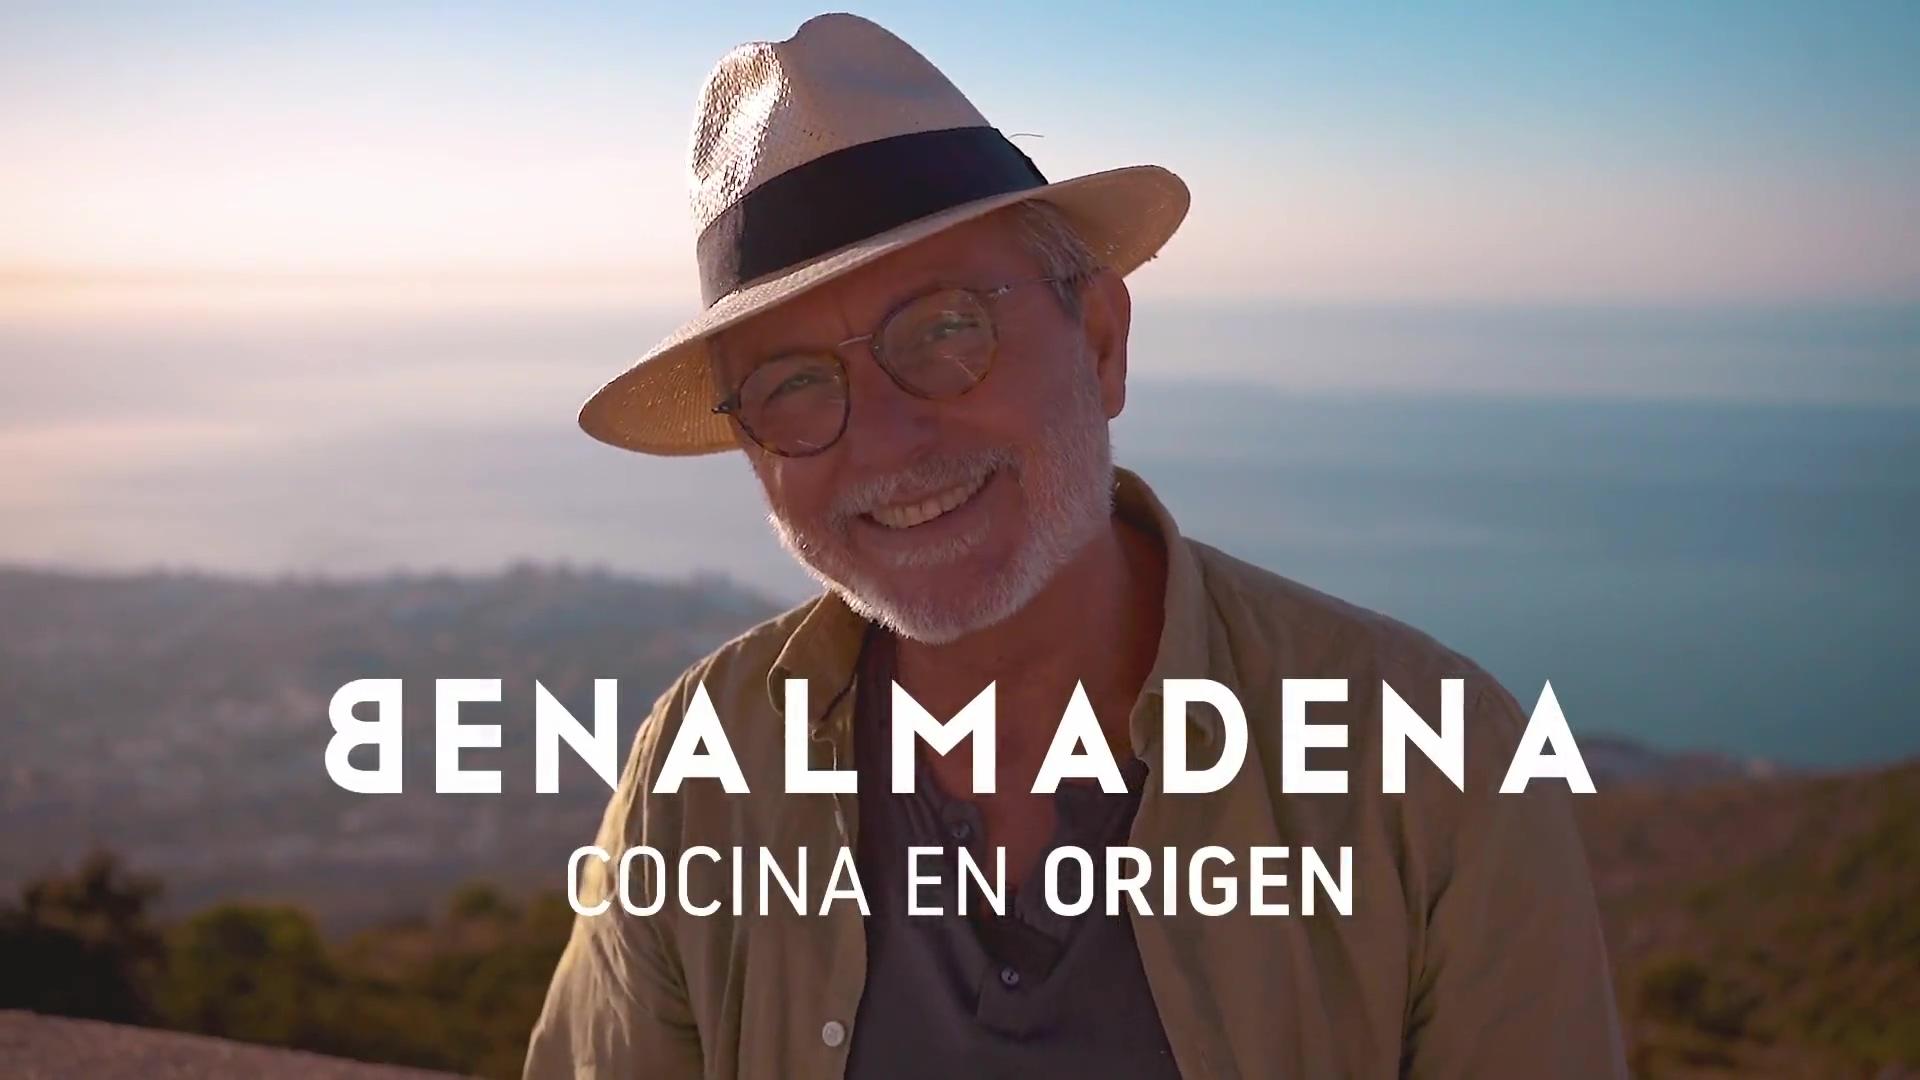 BENALMADENA - MALAGA COCINA EN ORIGEN